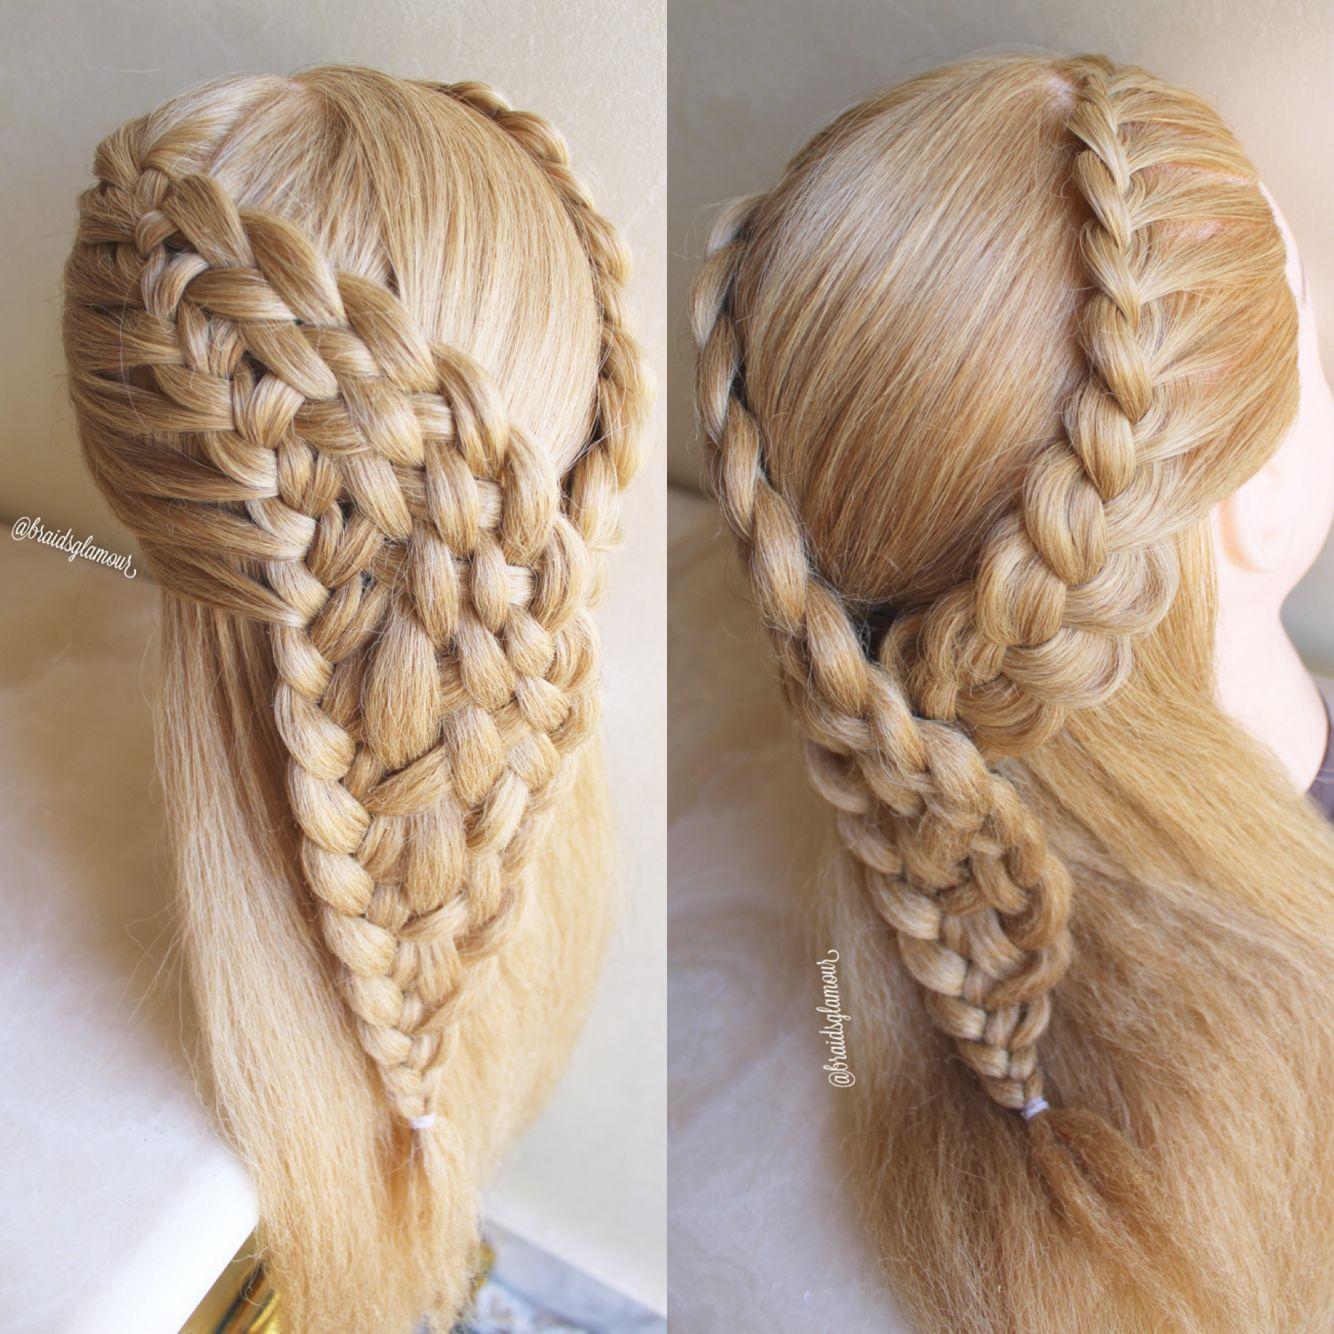 Waterfall Woven Braid And A Lace Braid Cool Braid Hairstyles Hair Braid Videos Hair Styles